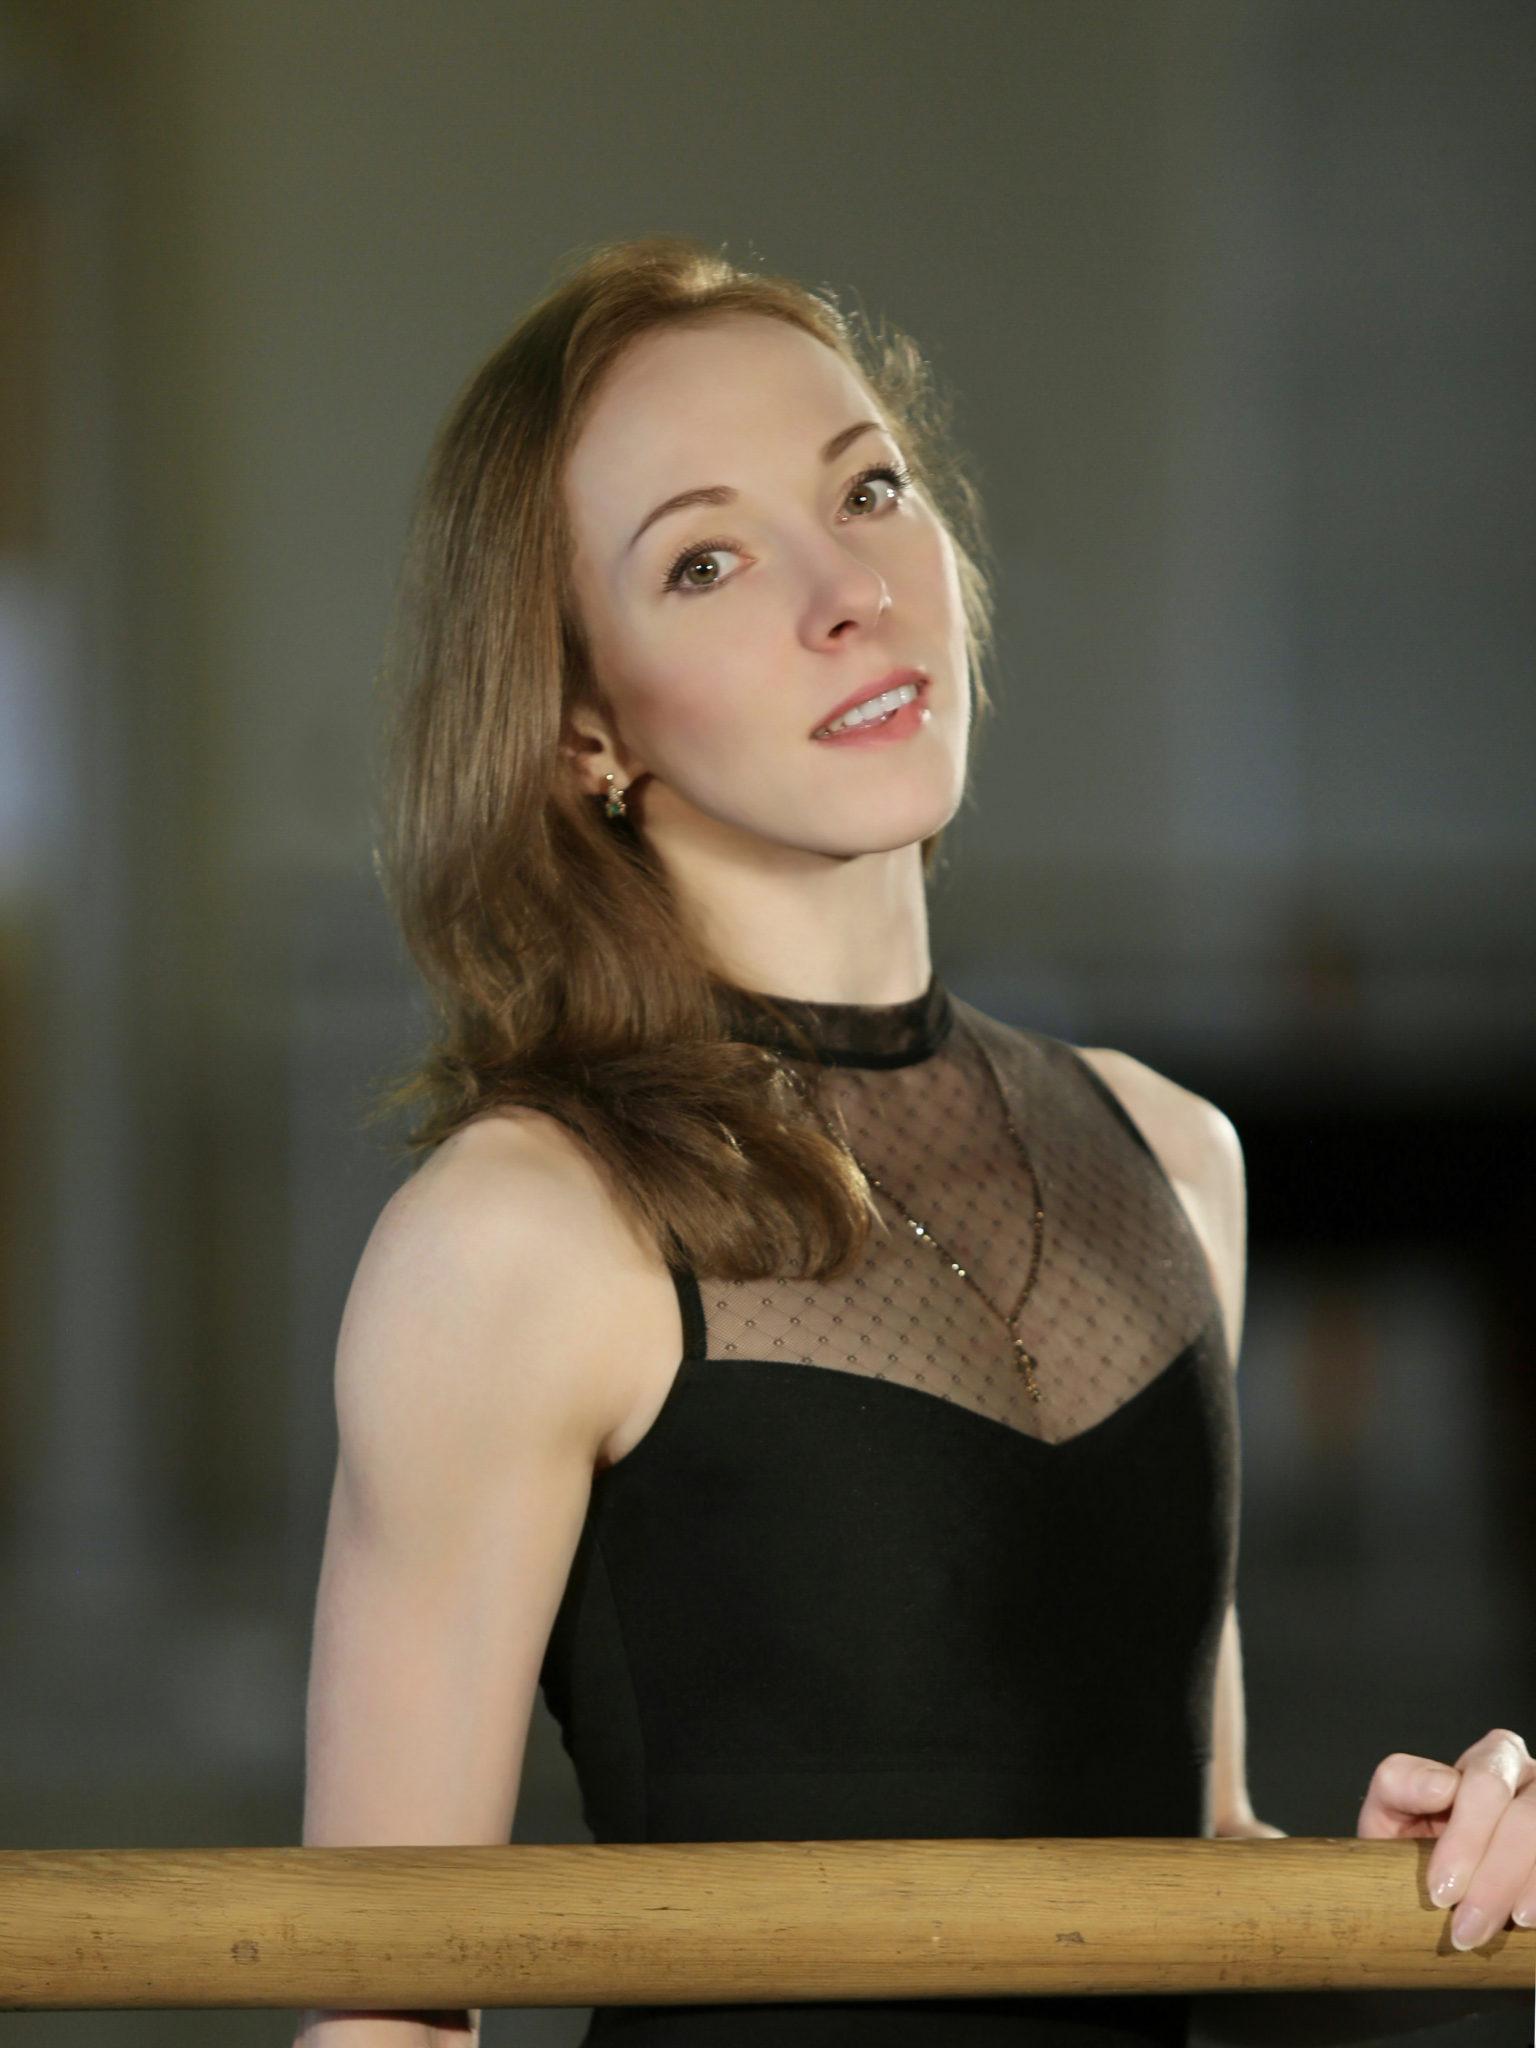 Онищенко Елена Викторовна - ведущая солистка